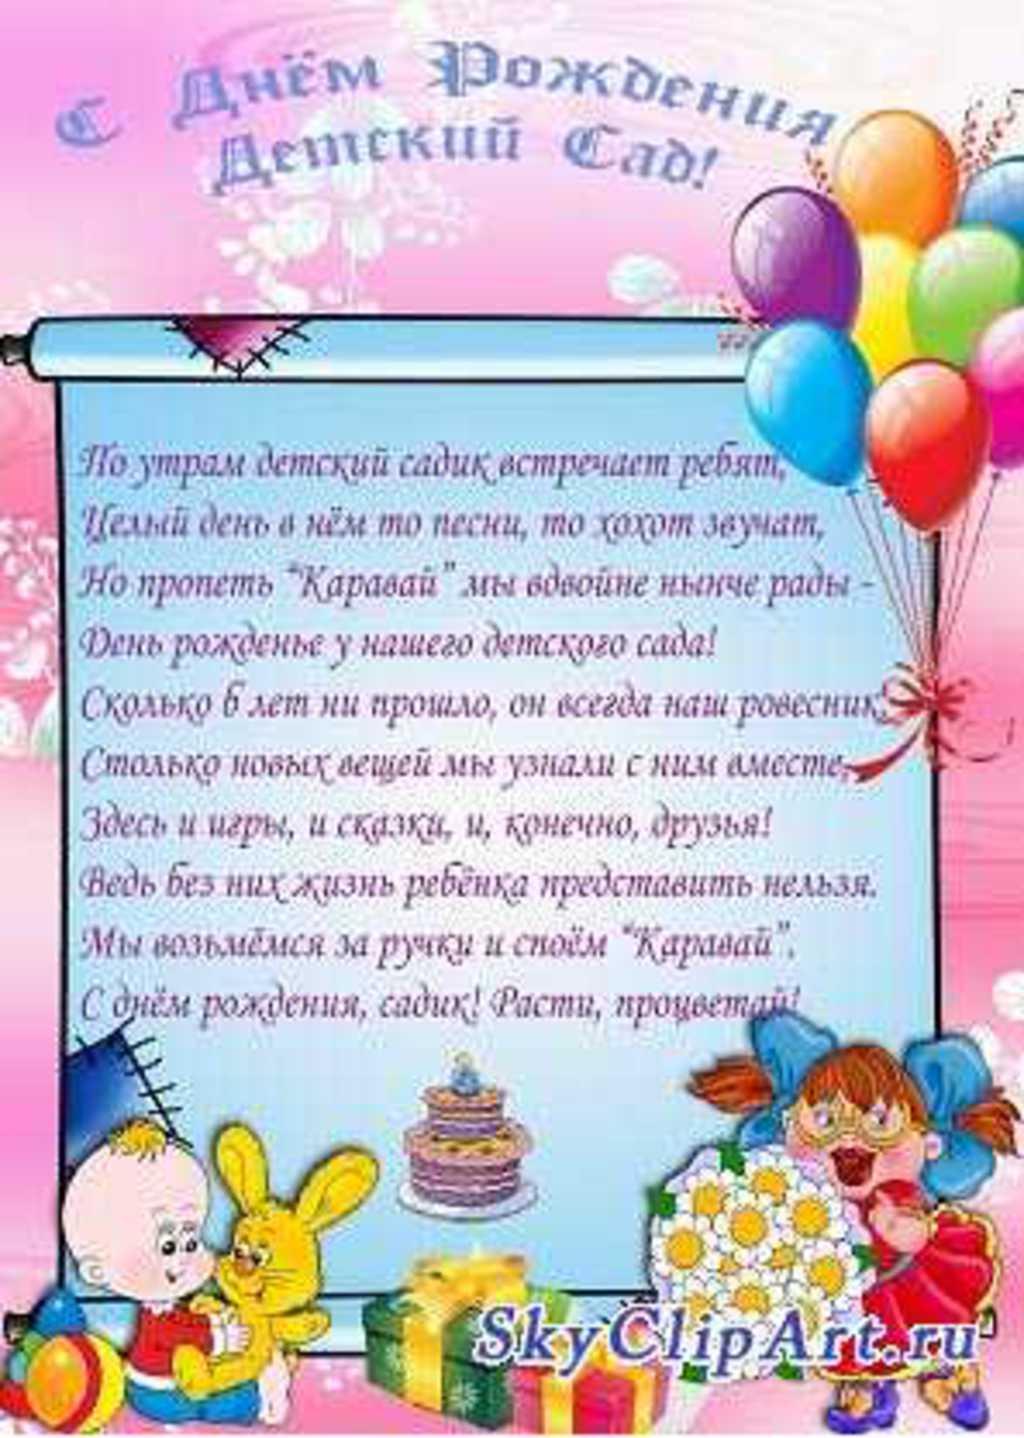 Поздравление на юбилей детского сада от детей